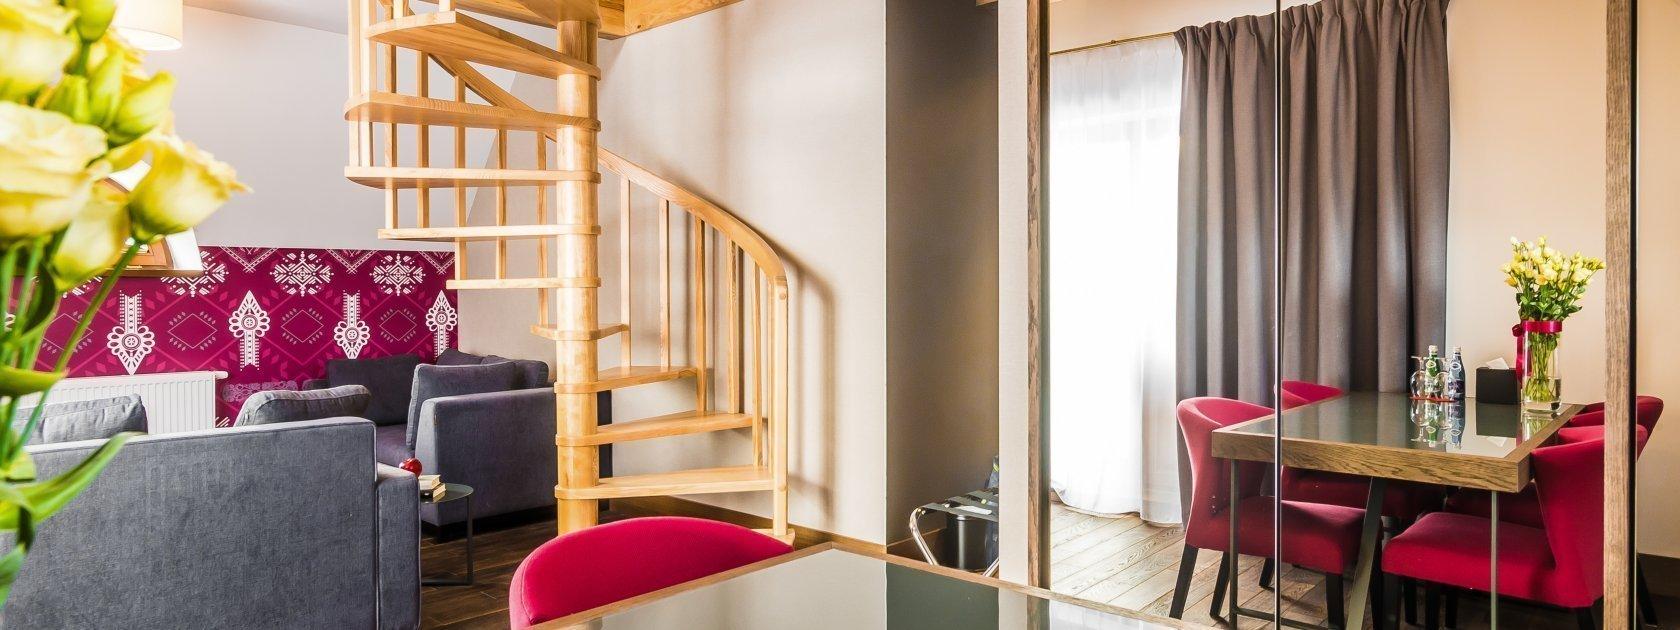 Apartament Executive Suite Economy